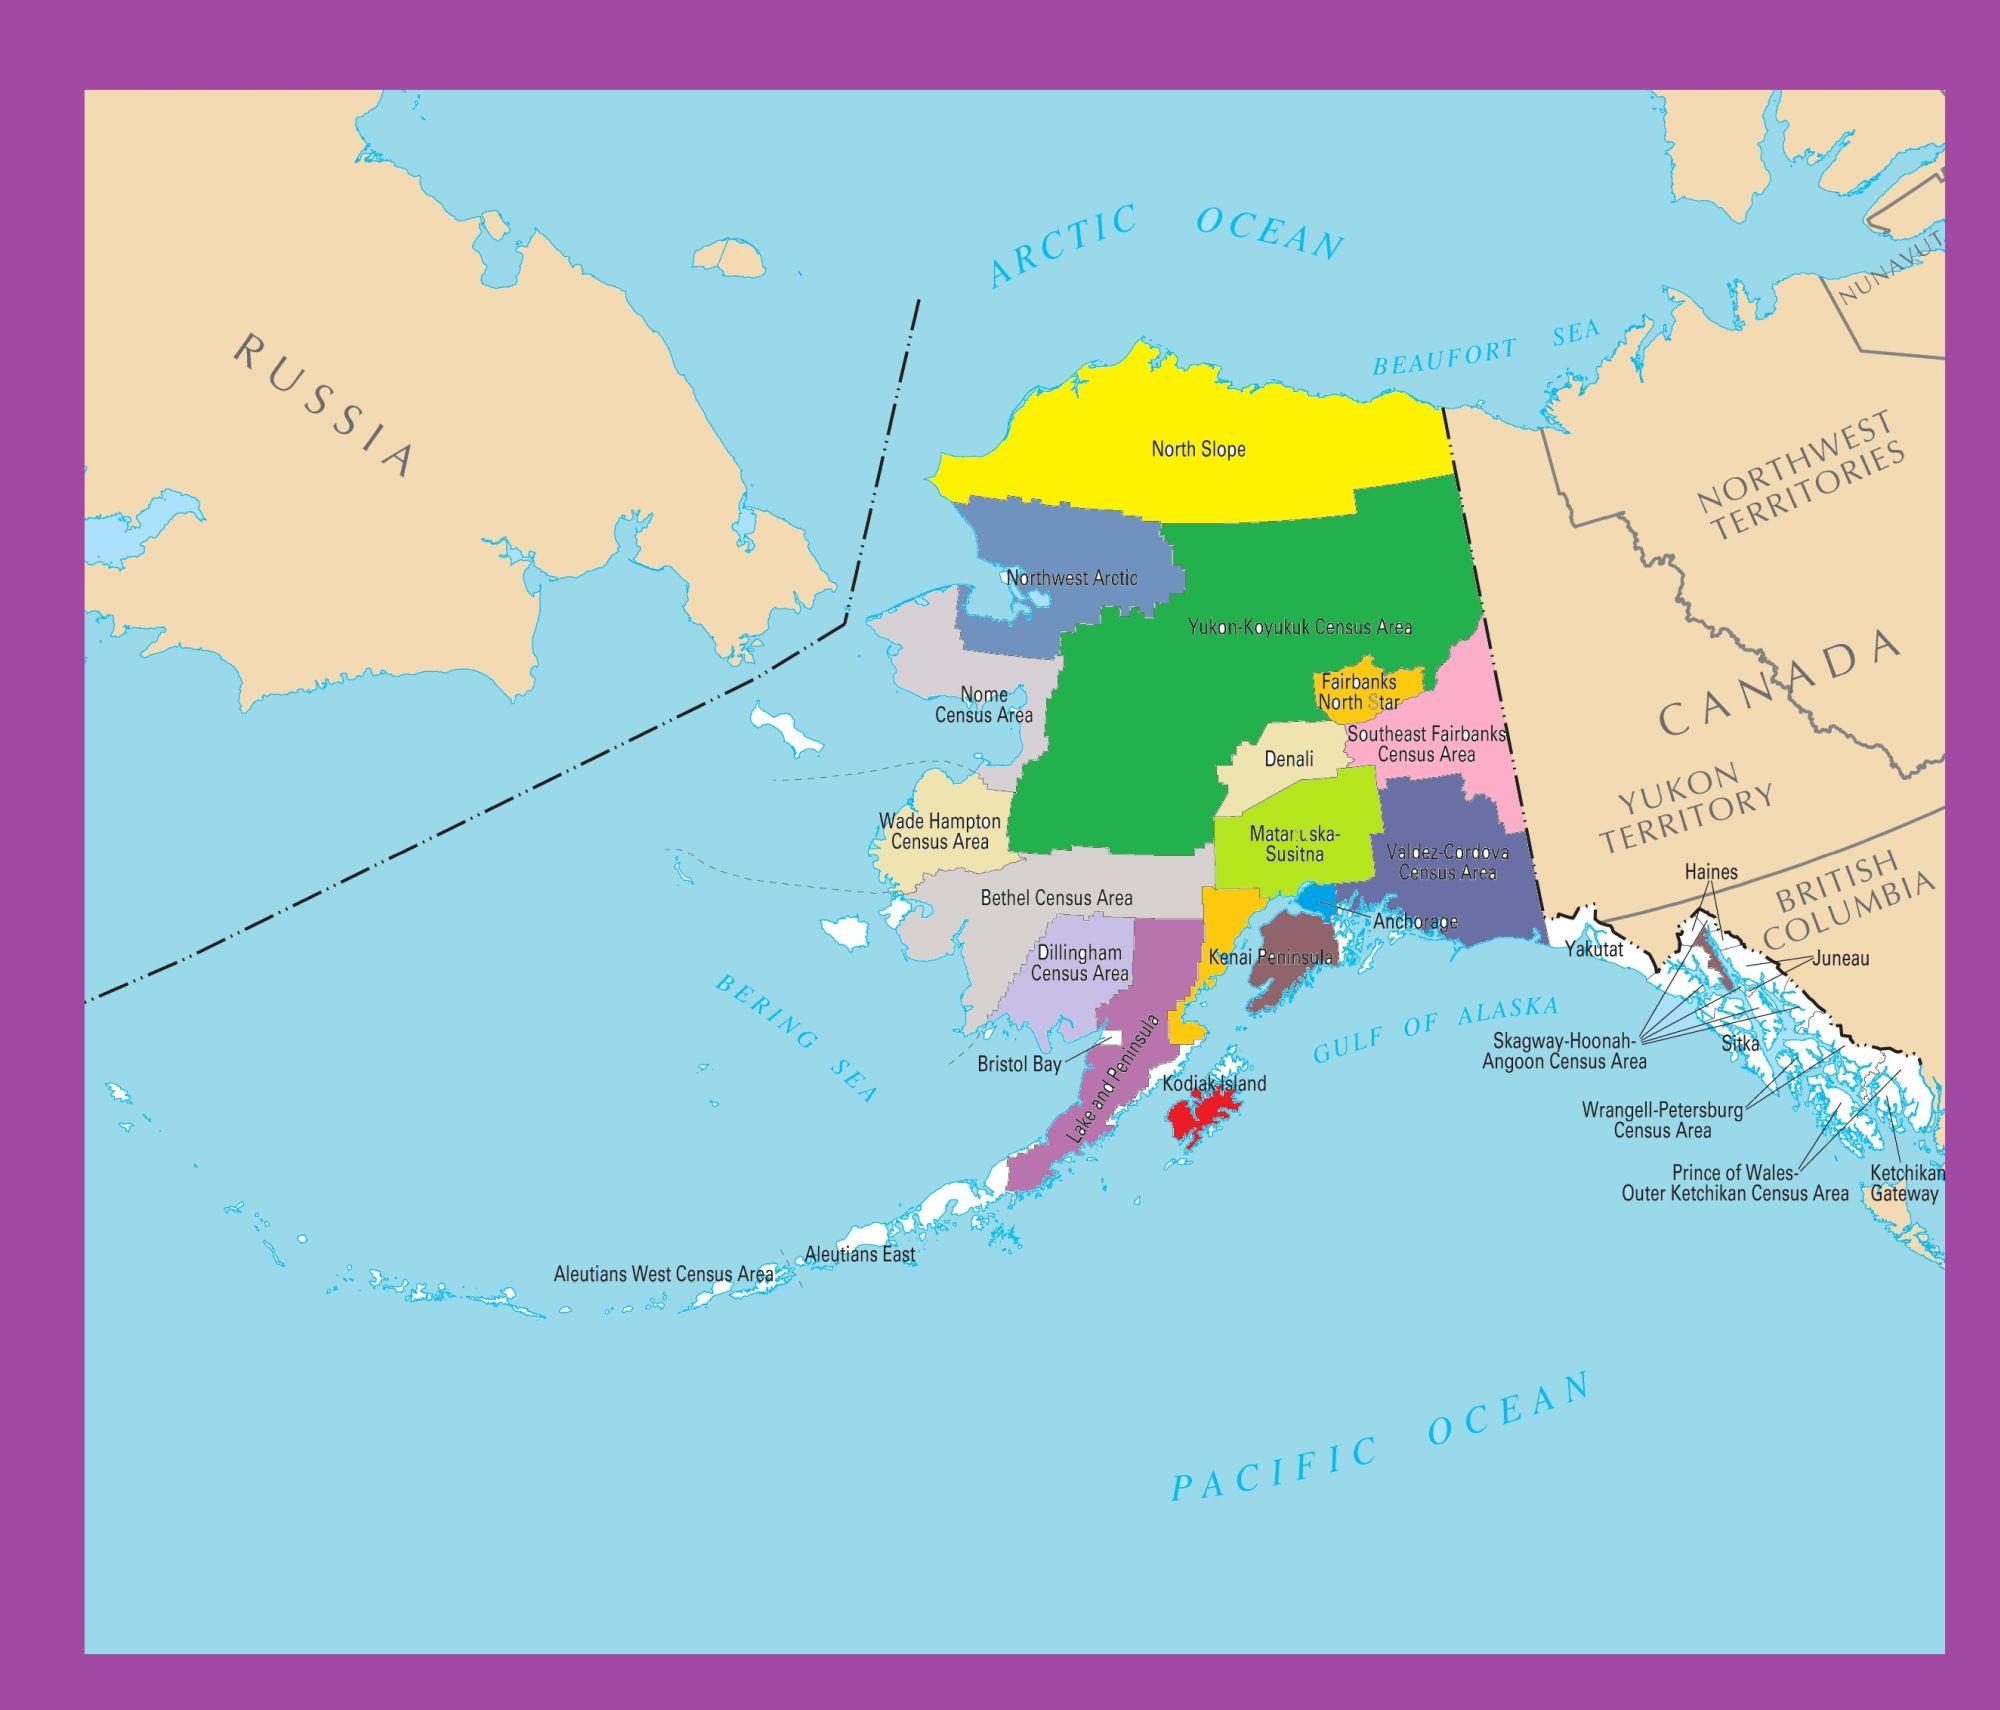 Alaska County Map  | Large Printable Color